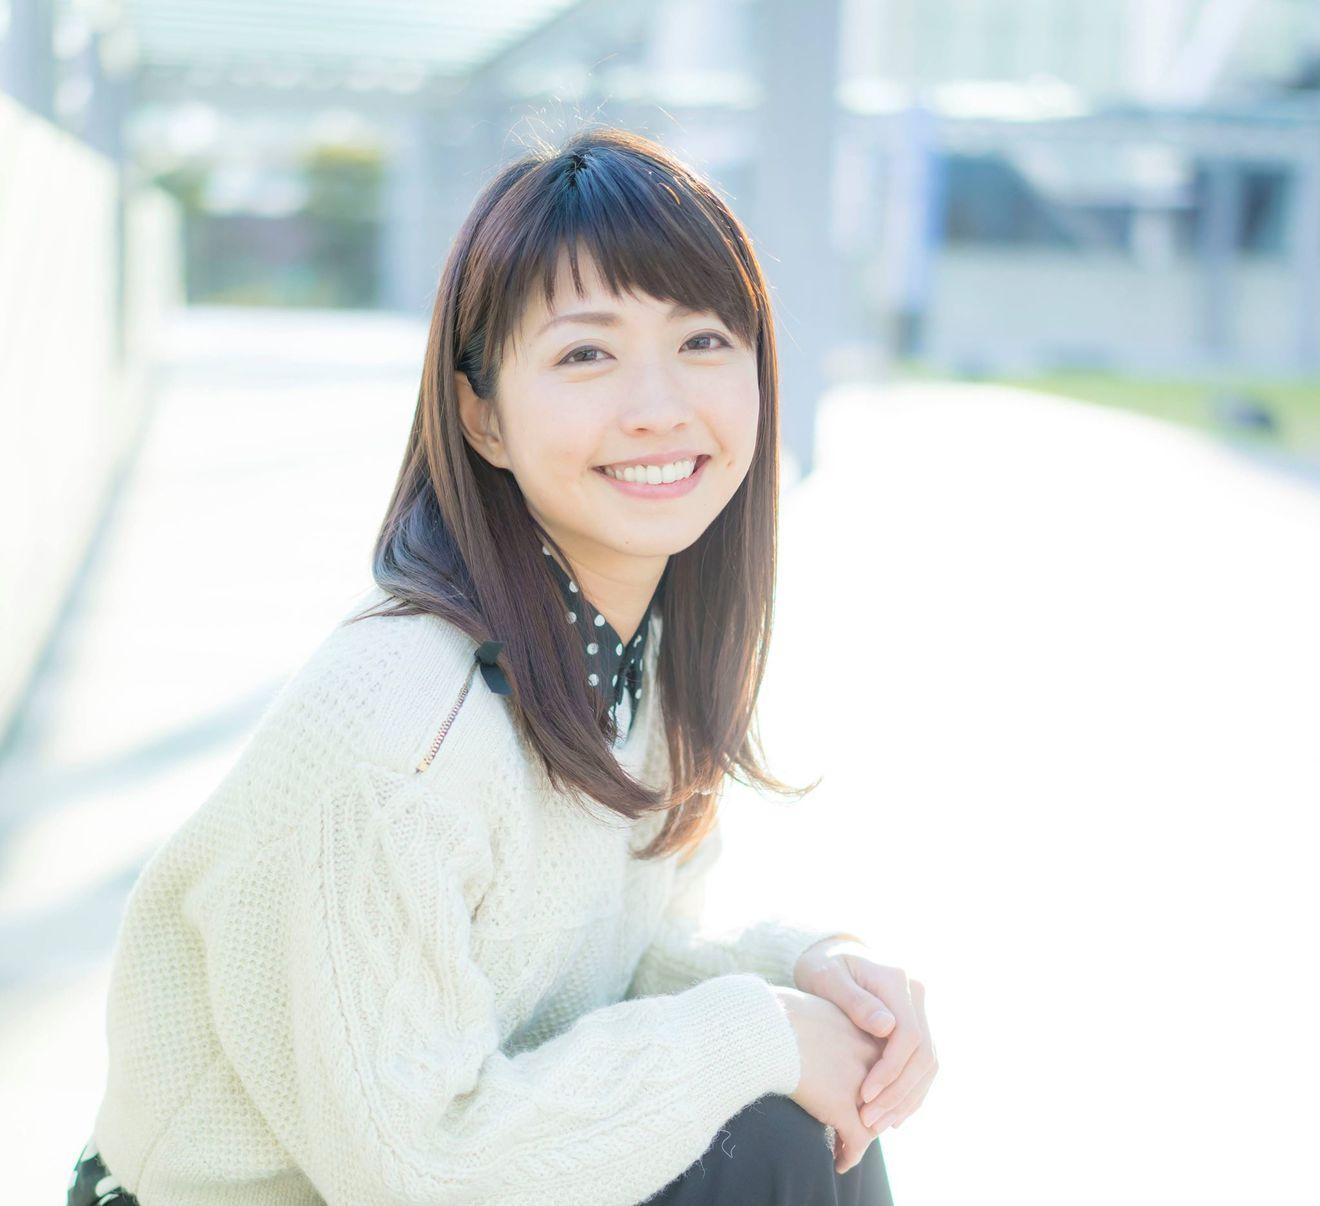 サマー★コンプレックス【小塚舞子】